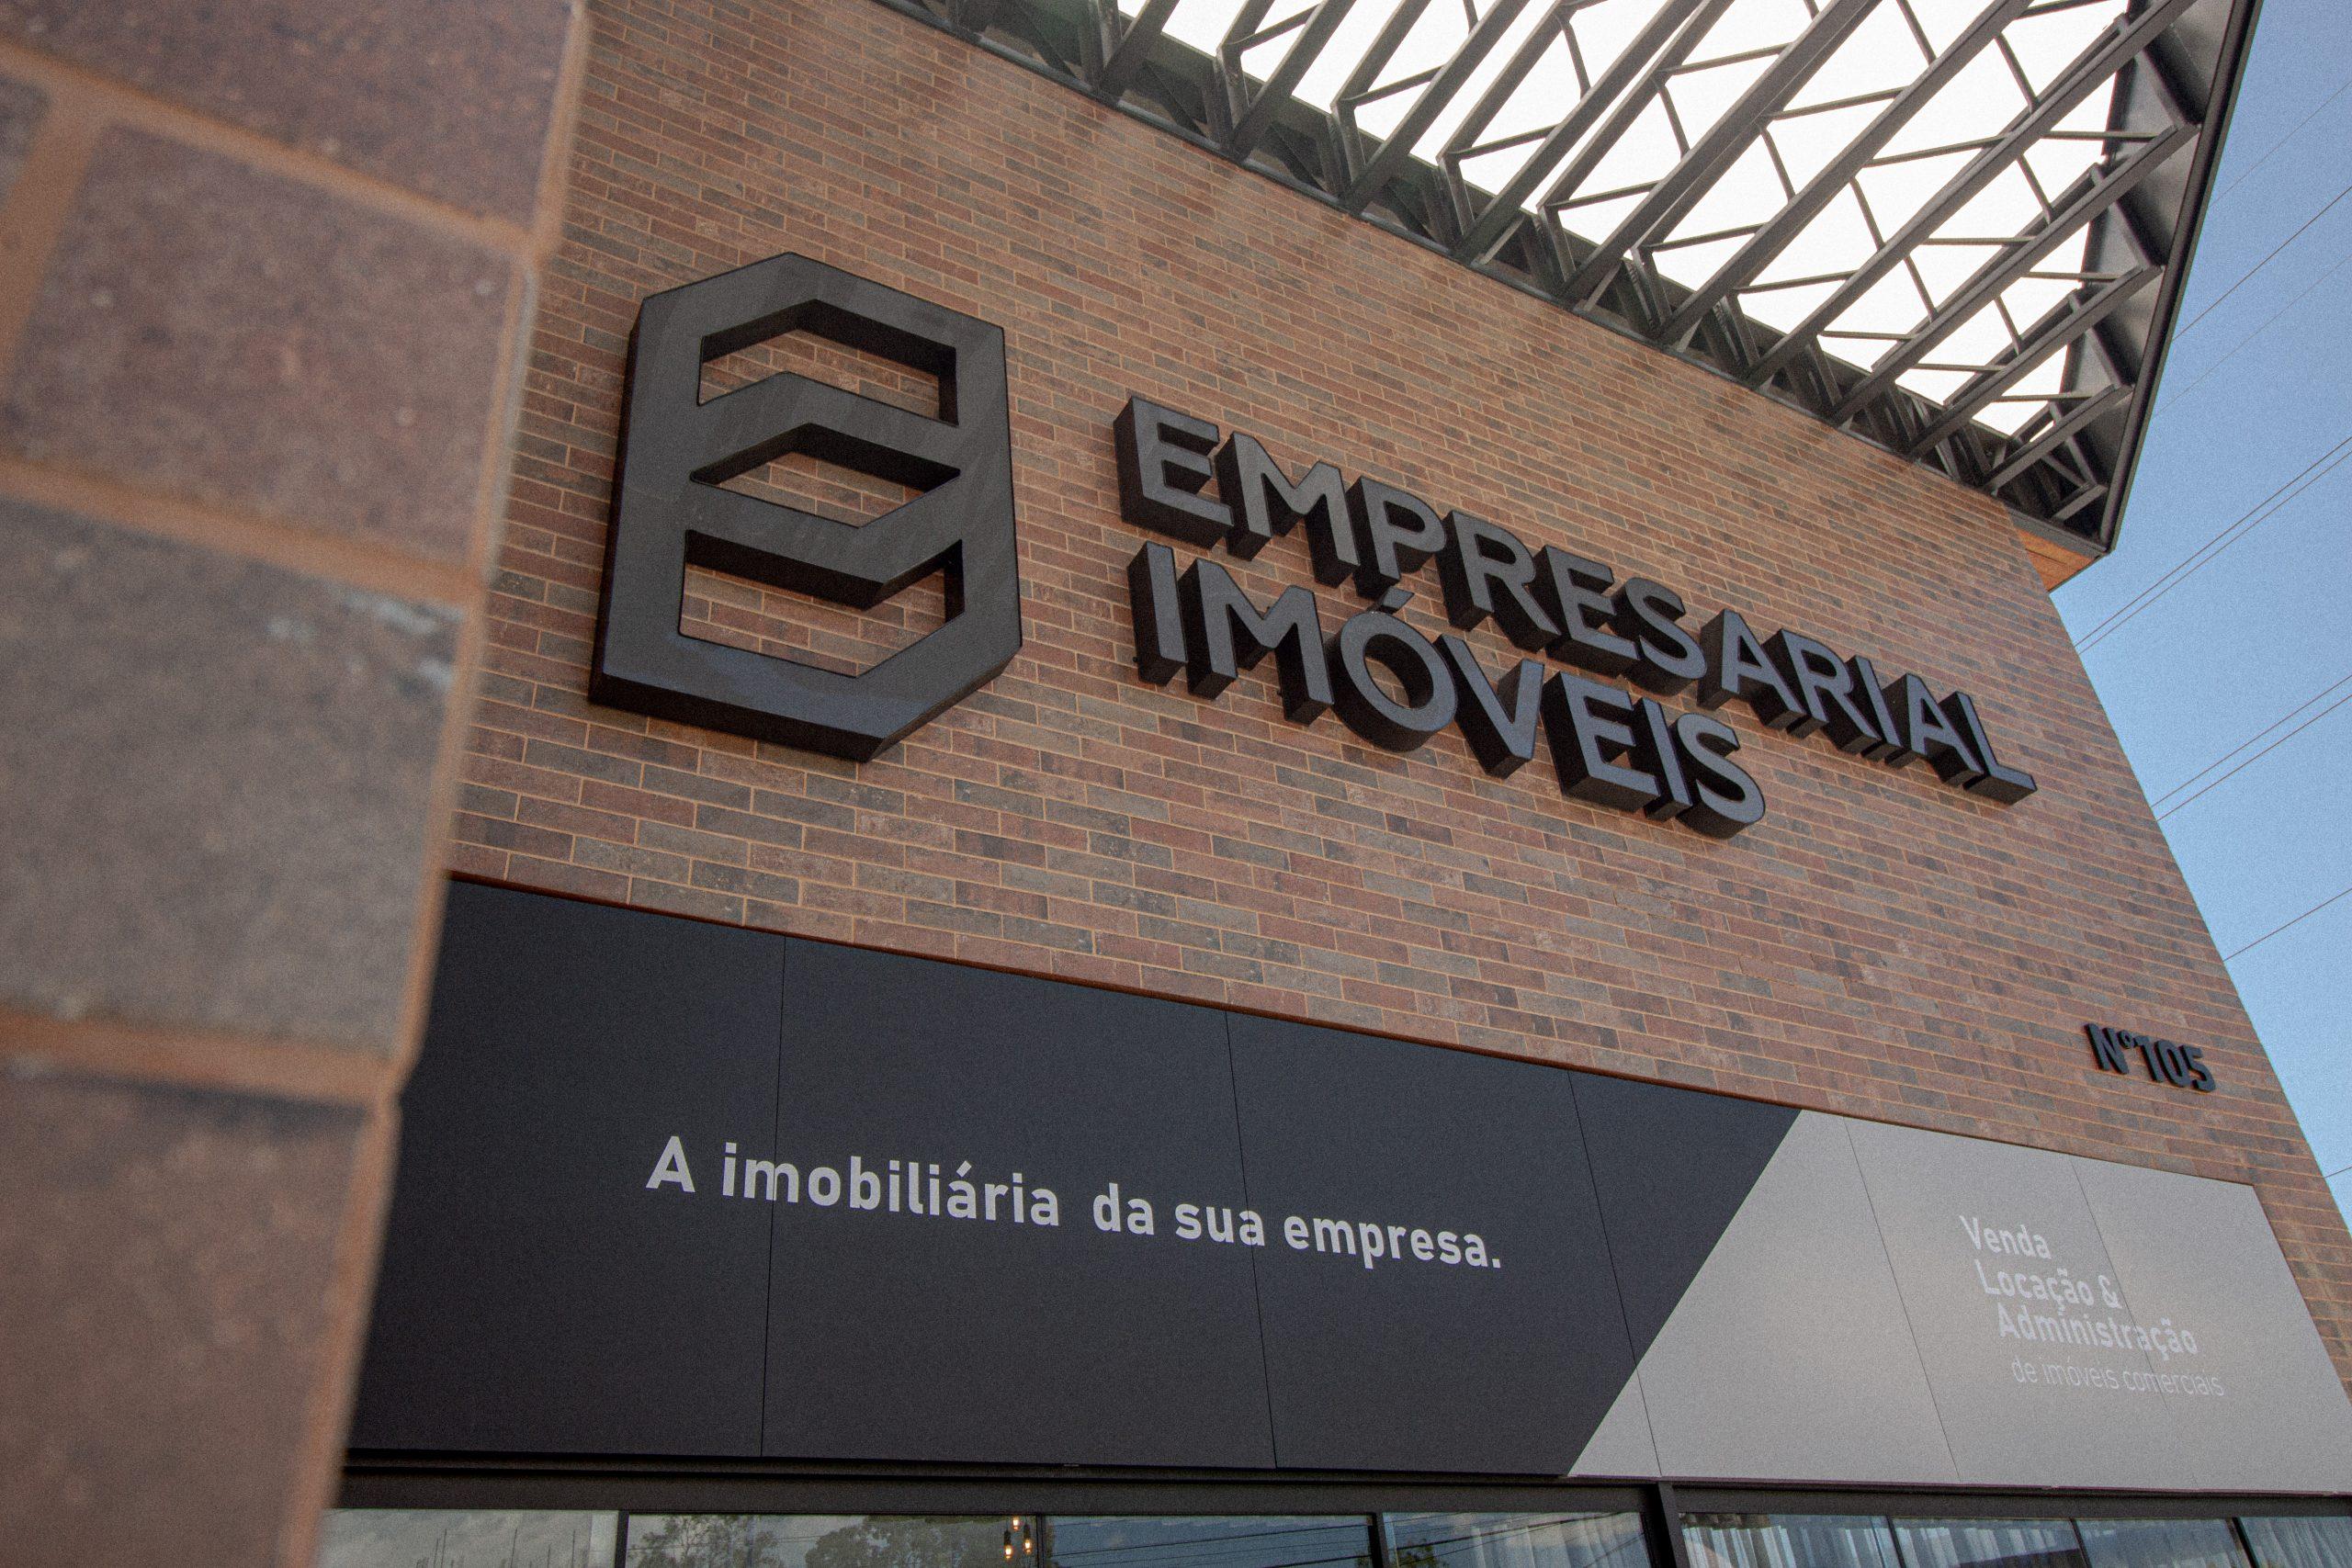 empresarial-logo-fachada